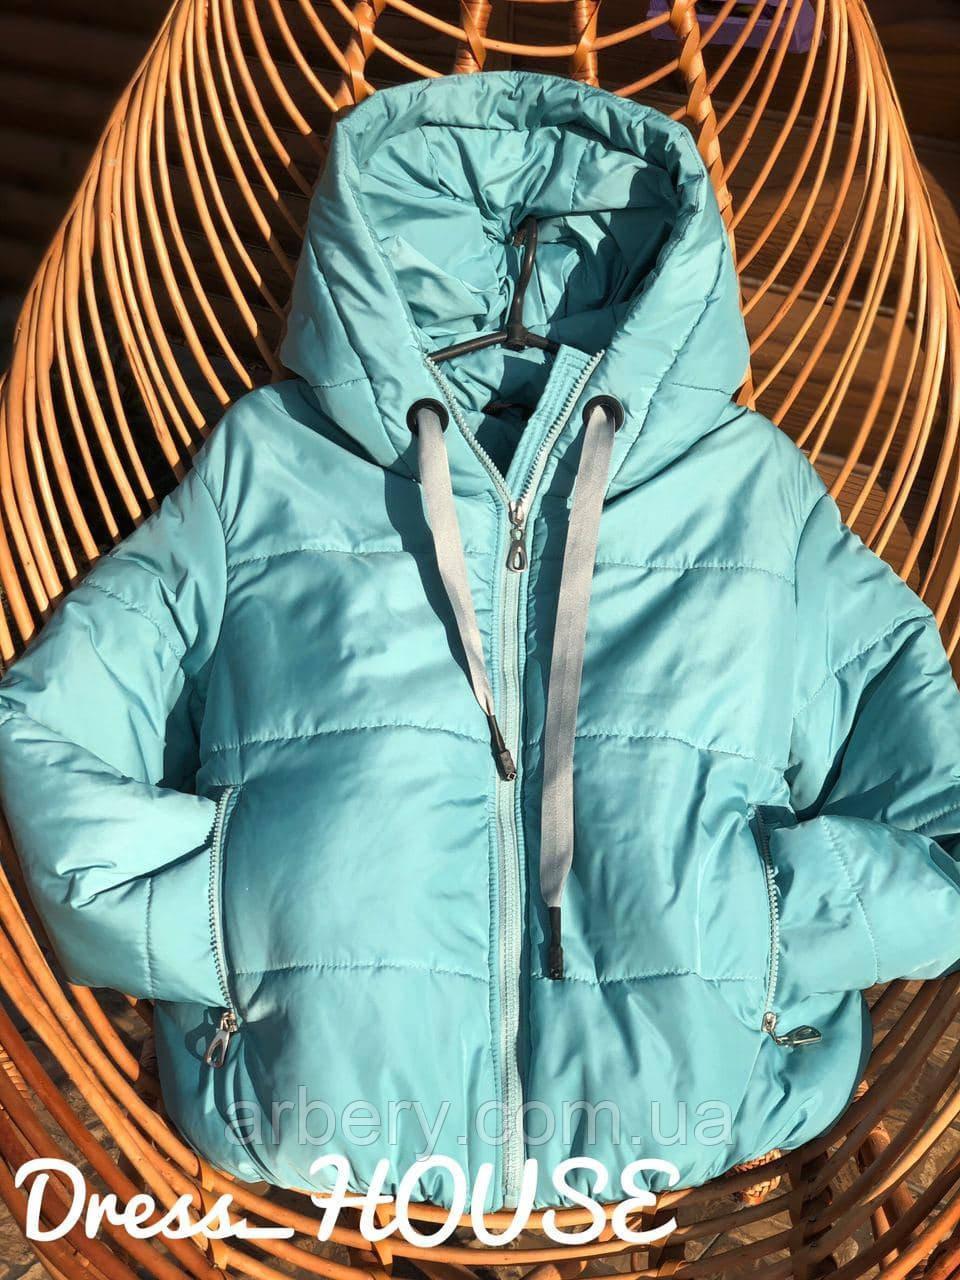 Шикарная зимняя куртка в стиле Zara